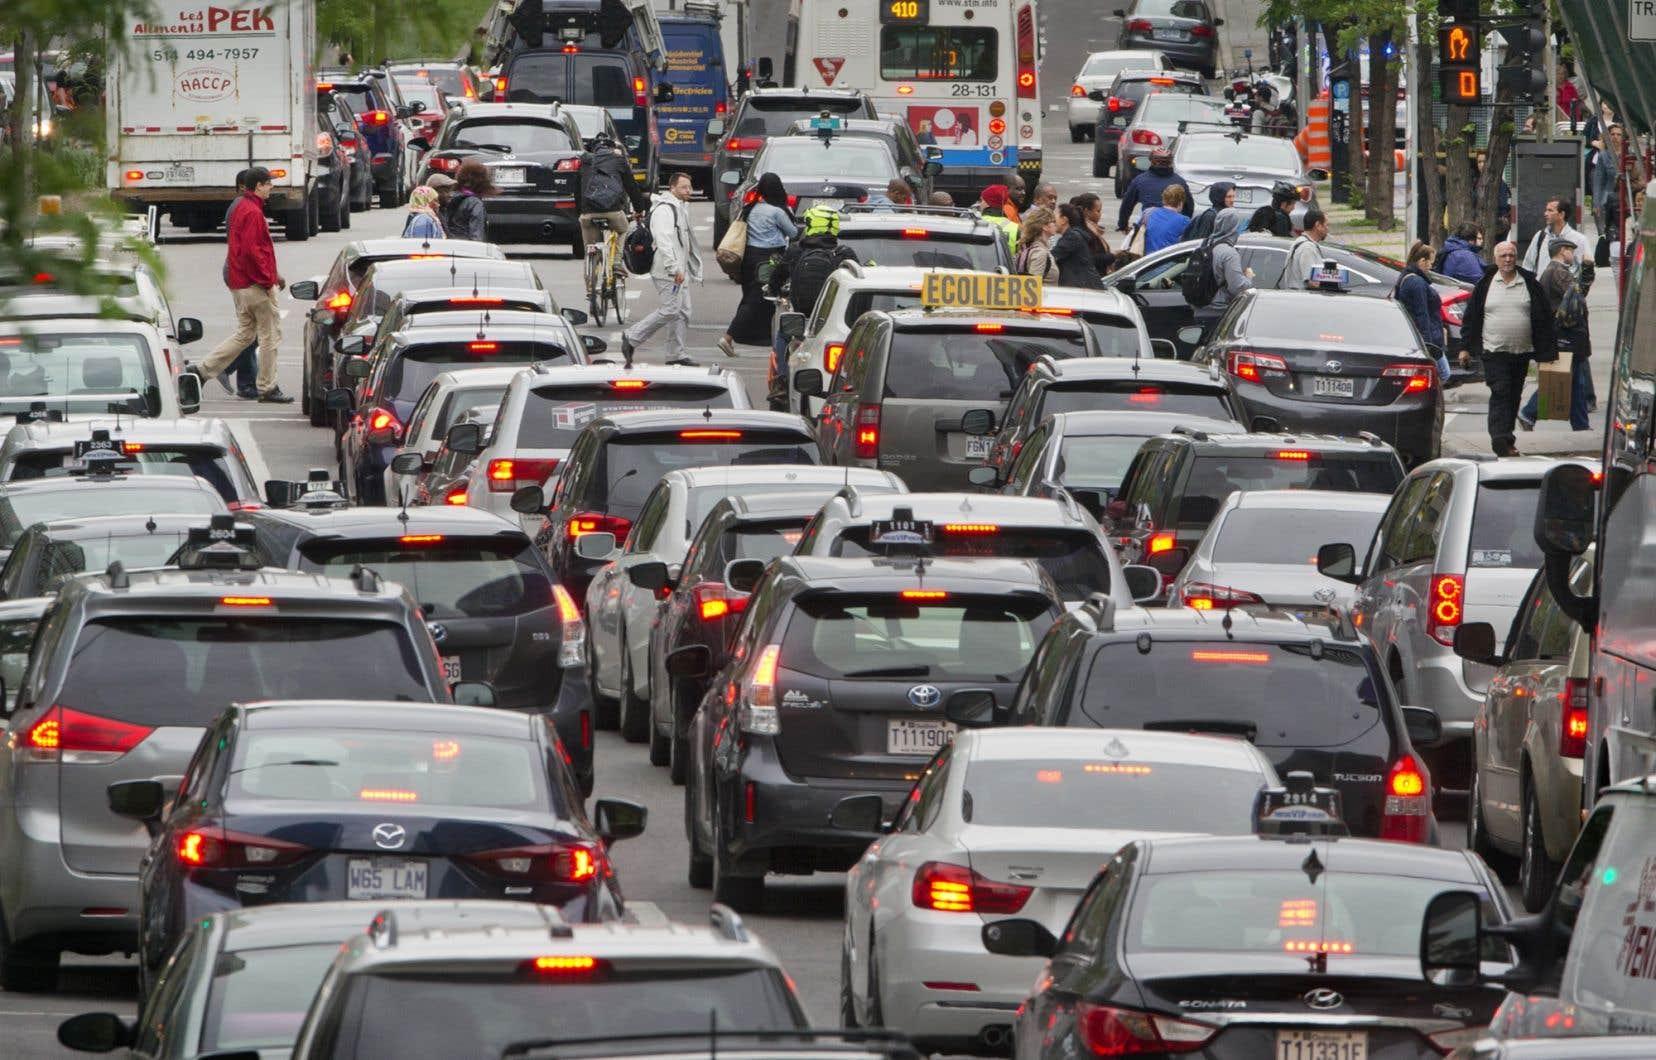 Désormais le plus ambitieux au Canada en ce qui a trait à l'abandon des véhicules à essence, le plan québécois ressemble assez à ce qui se fait dans la plupart des pays les plus avancés dans le domaine, notamment européens, selon le portrait qu'en faisait la firme de consultants McKinsey cet été.